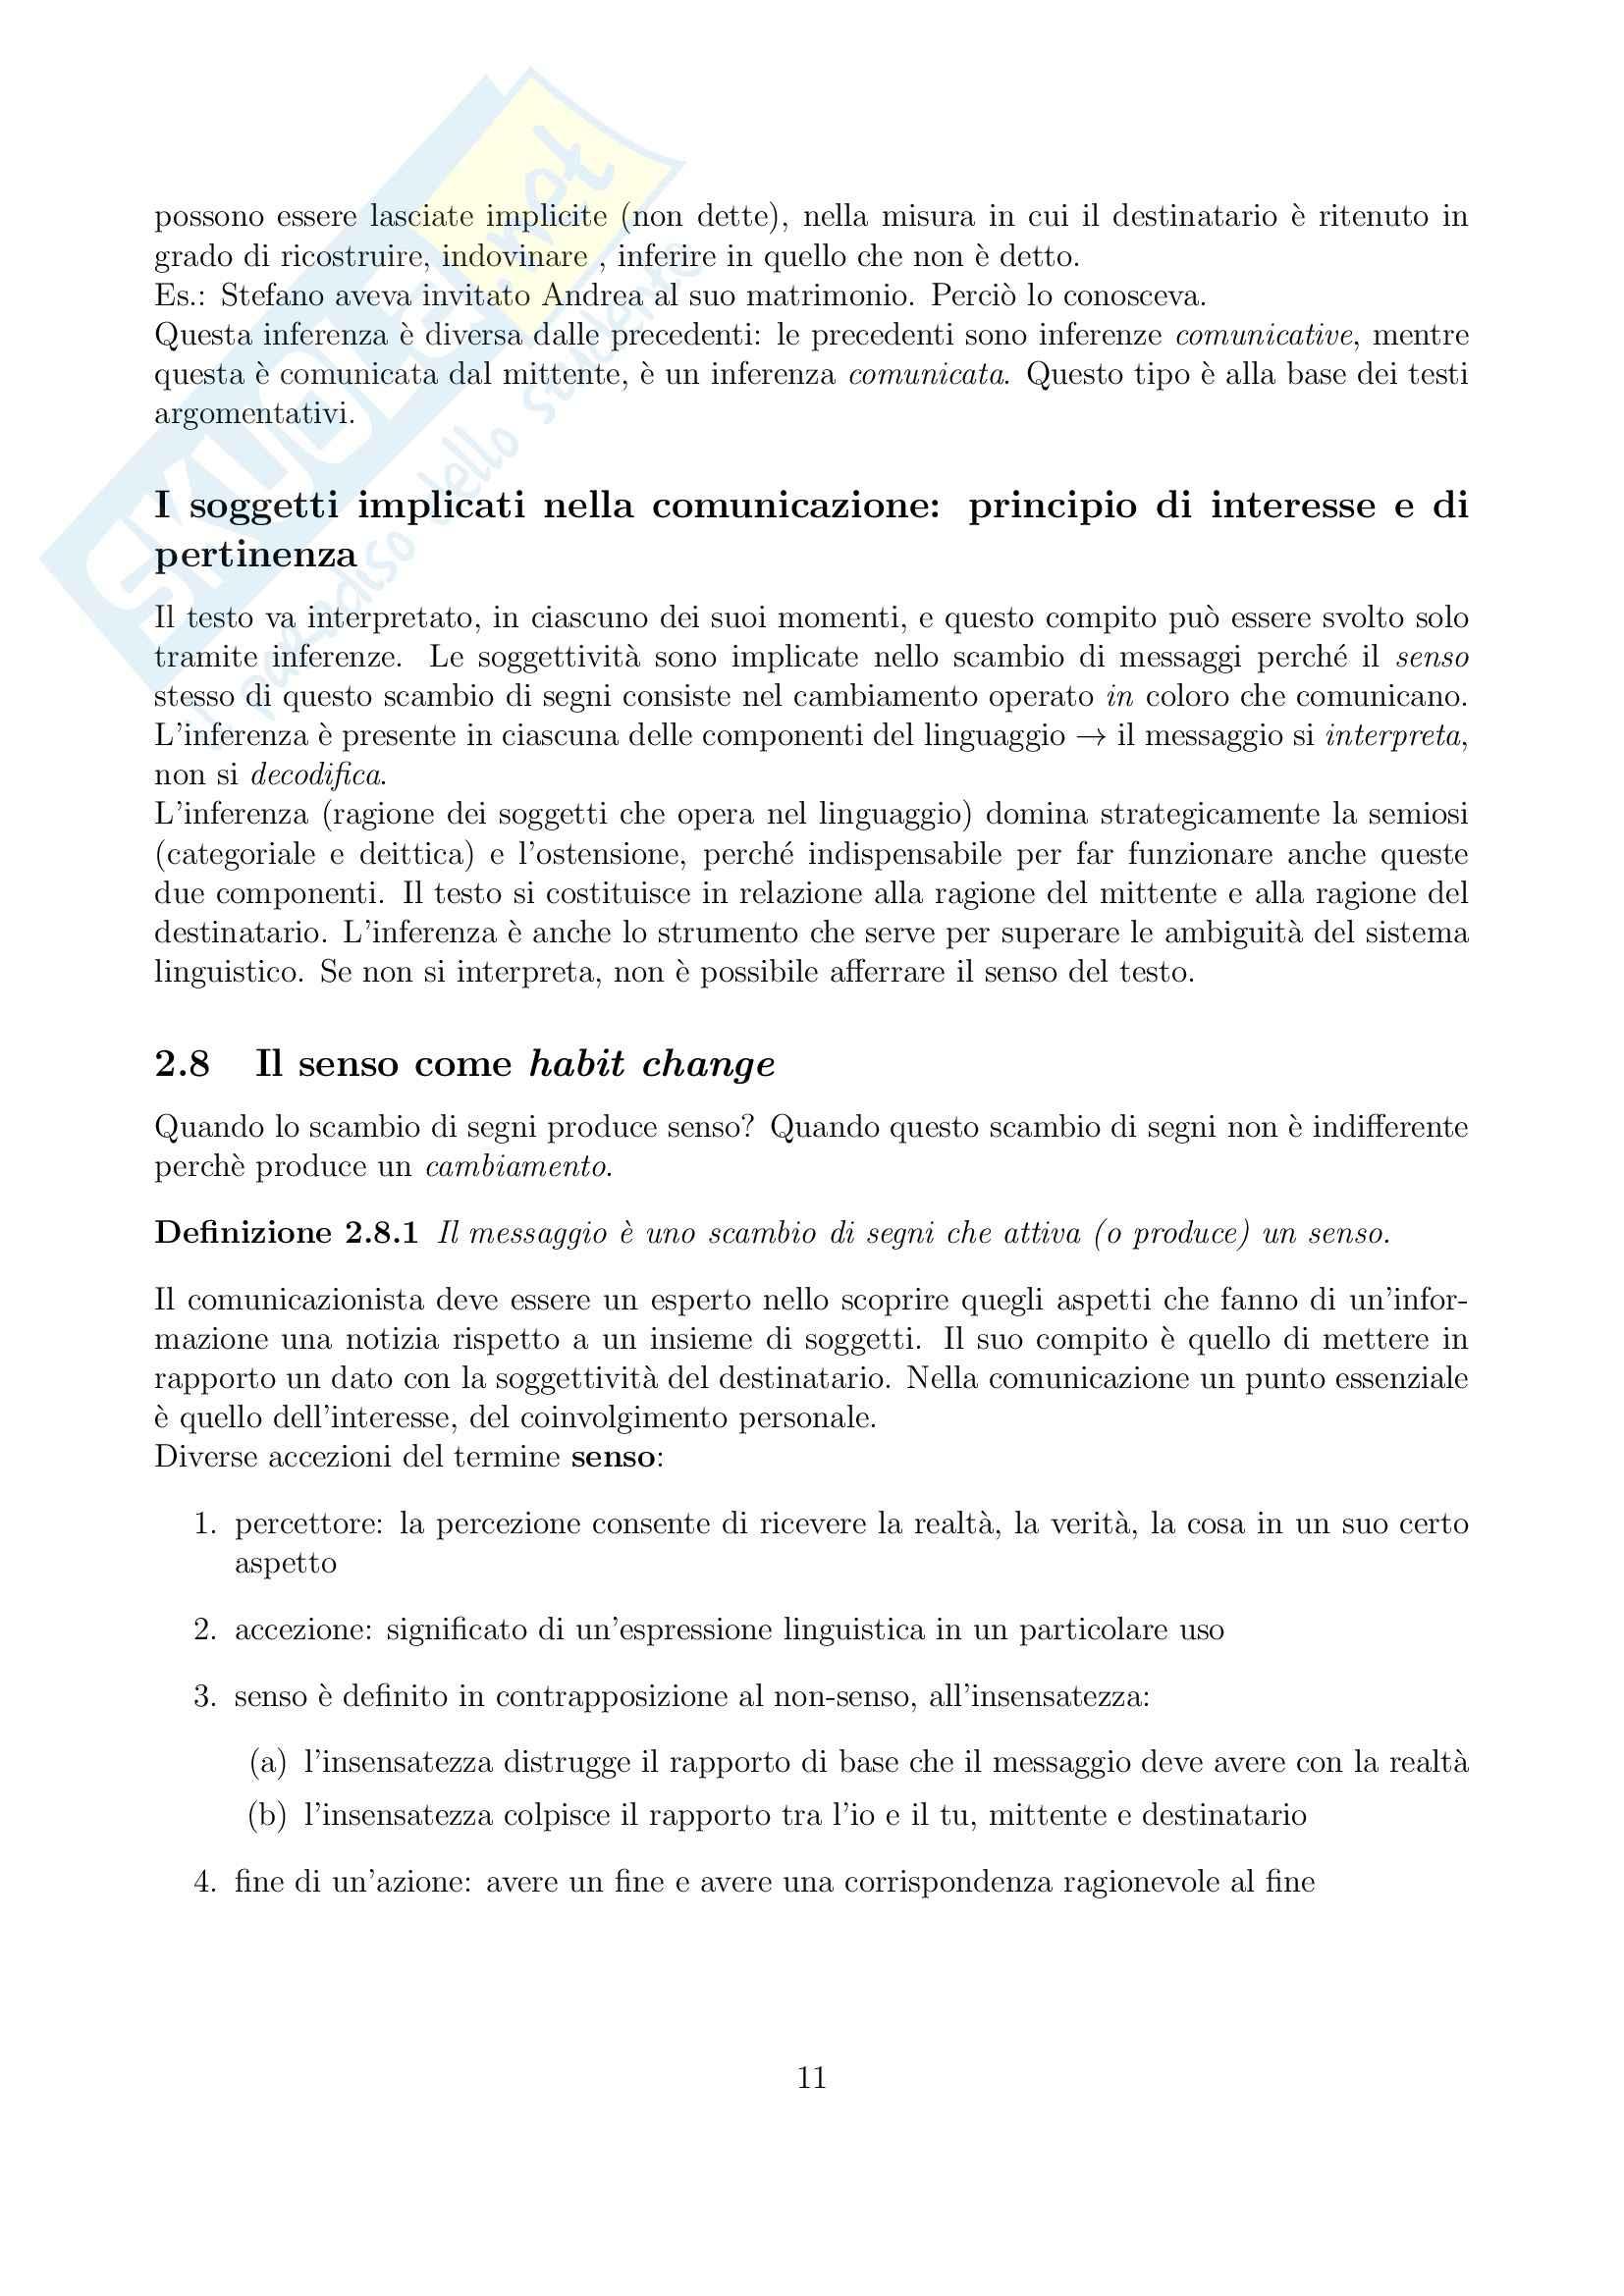 Riassunto esame Linguistica generale, prof. Gatti, libro consigliato La comunicazione verbale, Rigotti, Cigada Pag. 11